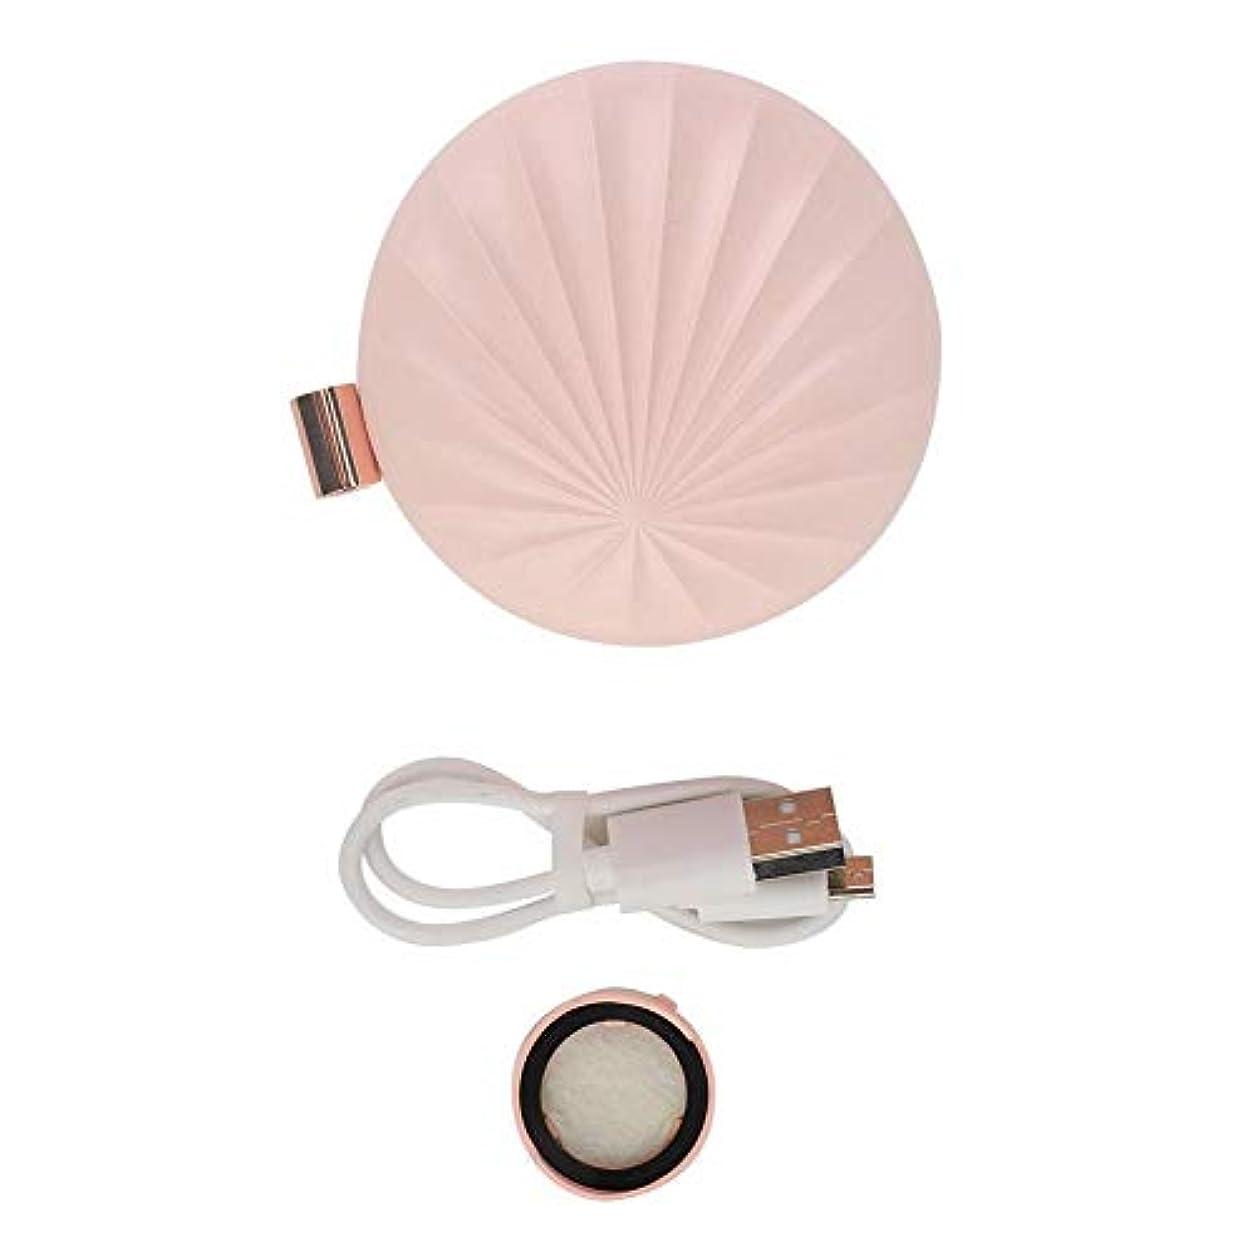 おびえた空港眉ホームディフューザー、ポータブルアロマディフューザーエッセンシャルオイル香水ディフューザーアロマセラピーカーホームオフィス装飾 (ピンク)